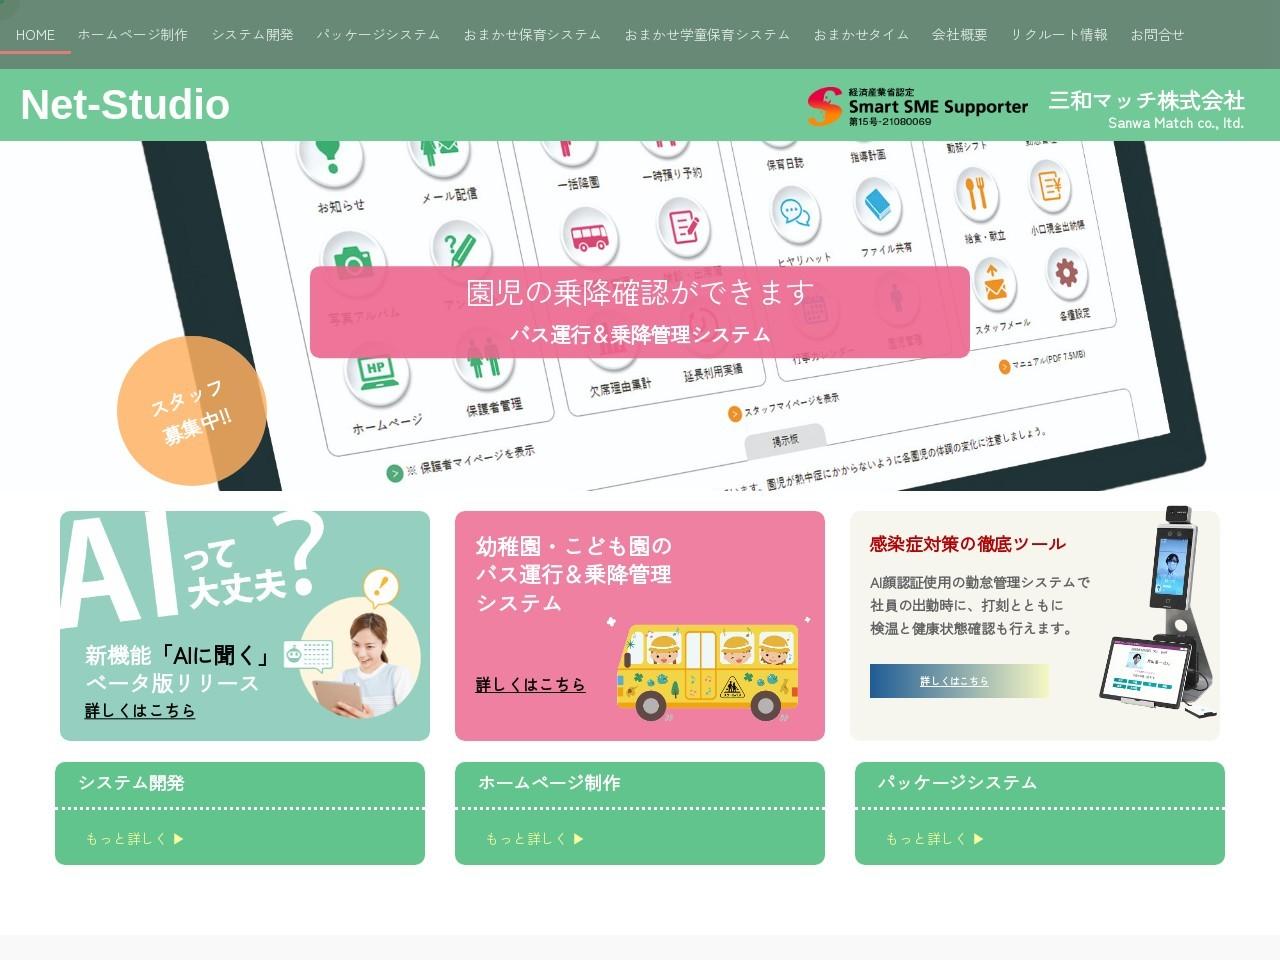 岡山 ホームページ制作/Web制作/システム開発/ネット通販ならネットスタジオ【NetStudio】